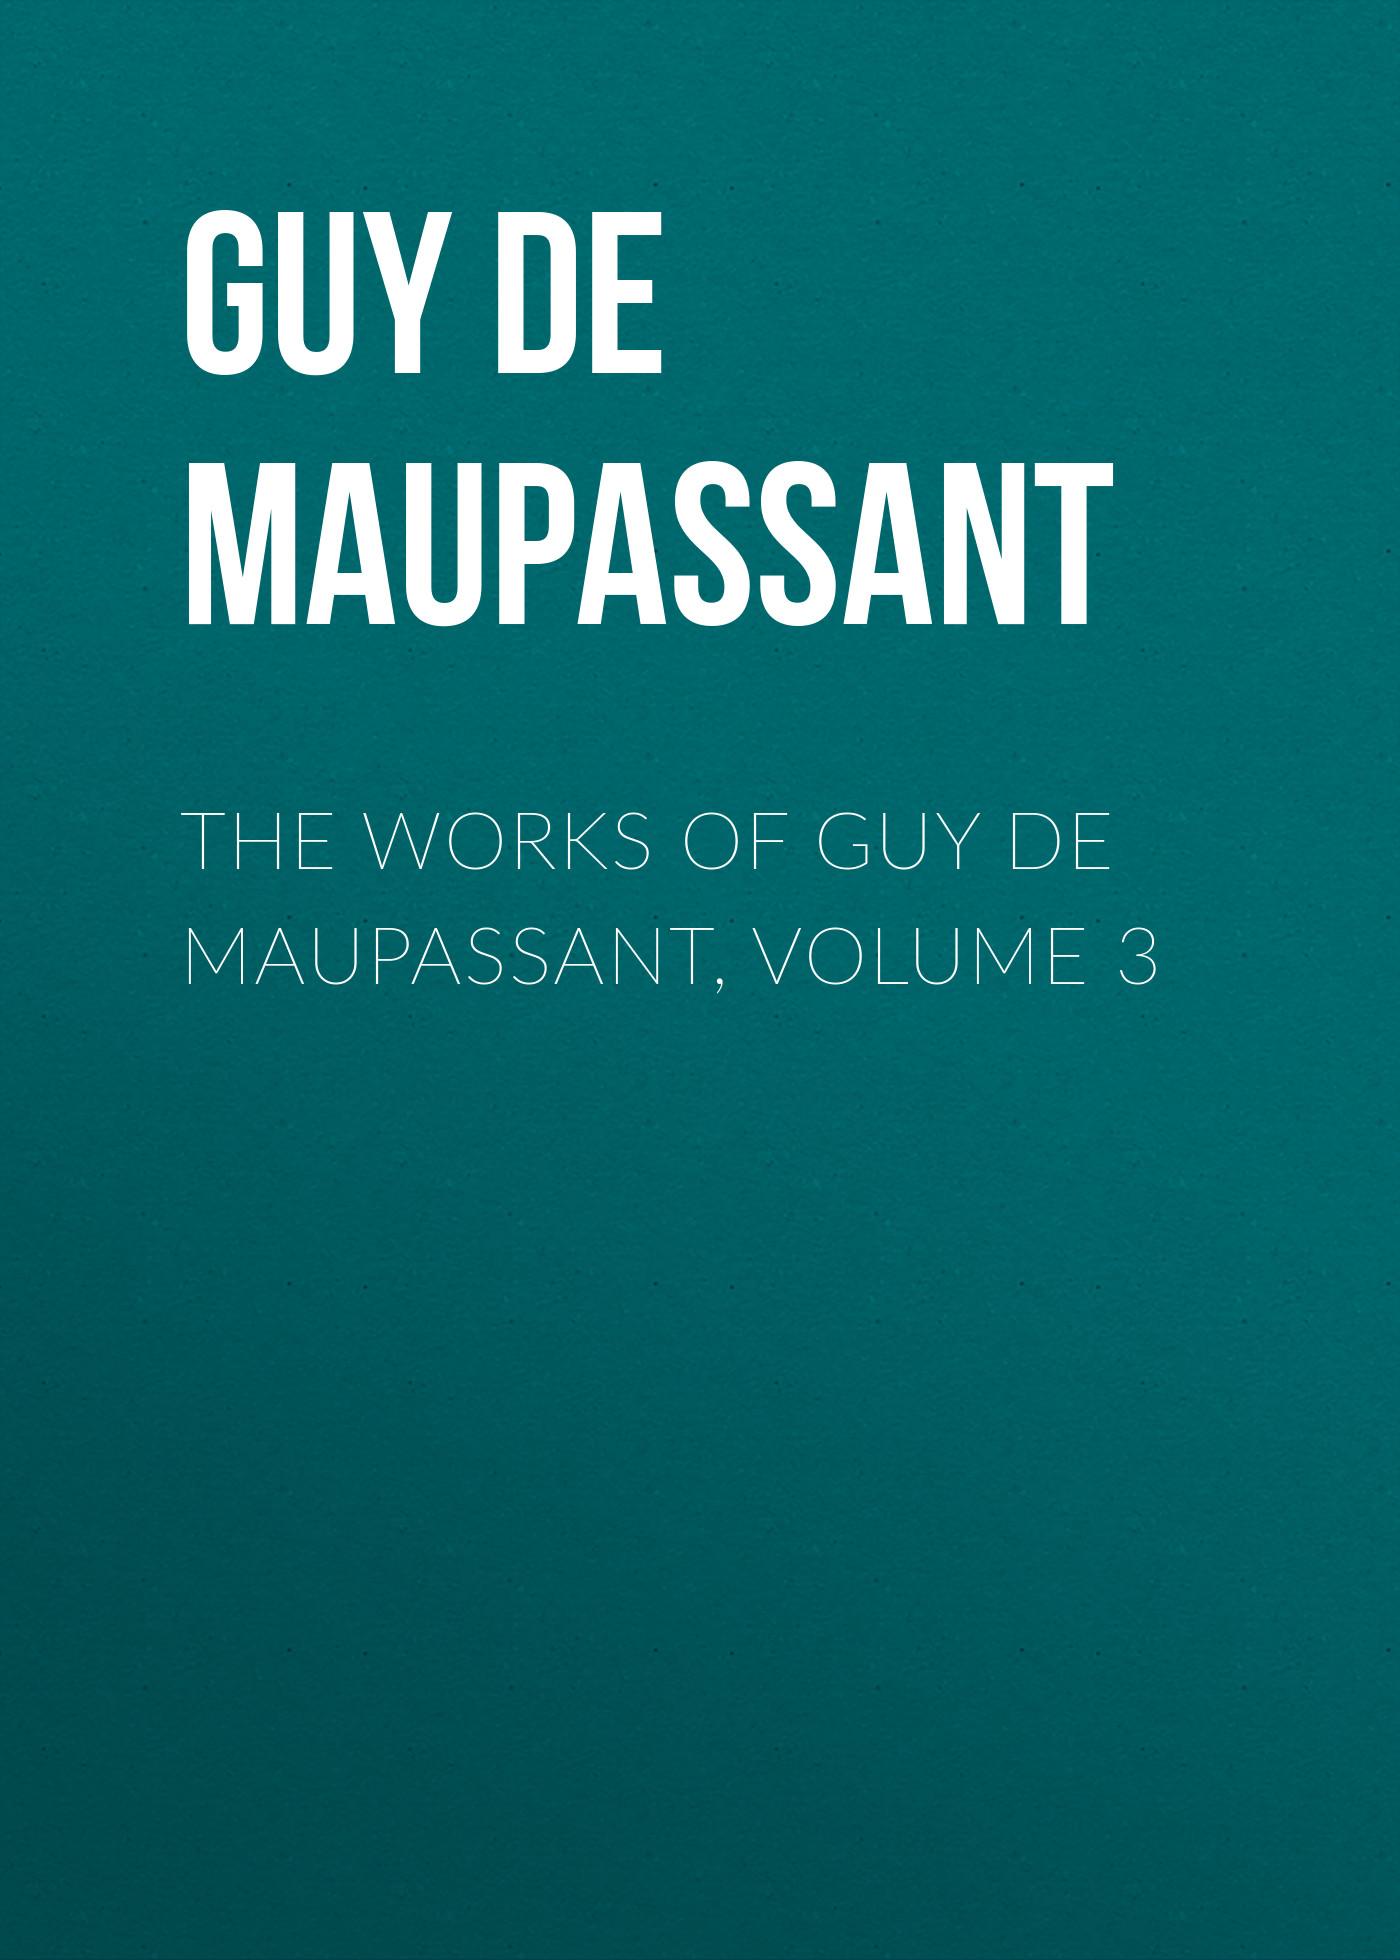 цена на Ги де Мопассан The Works of Guy de Maupassant, Volume 3